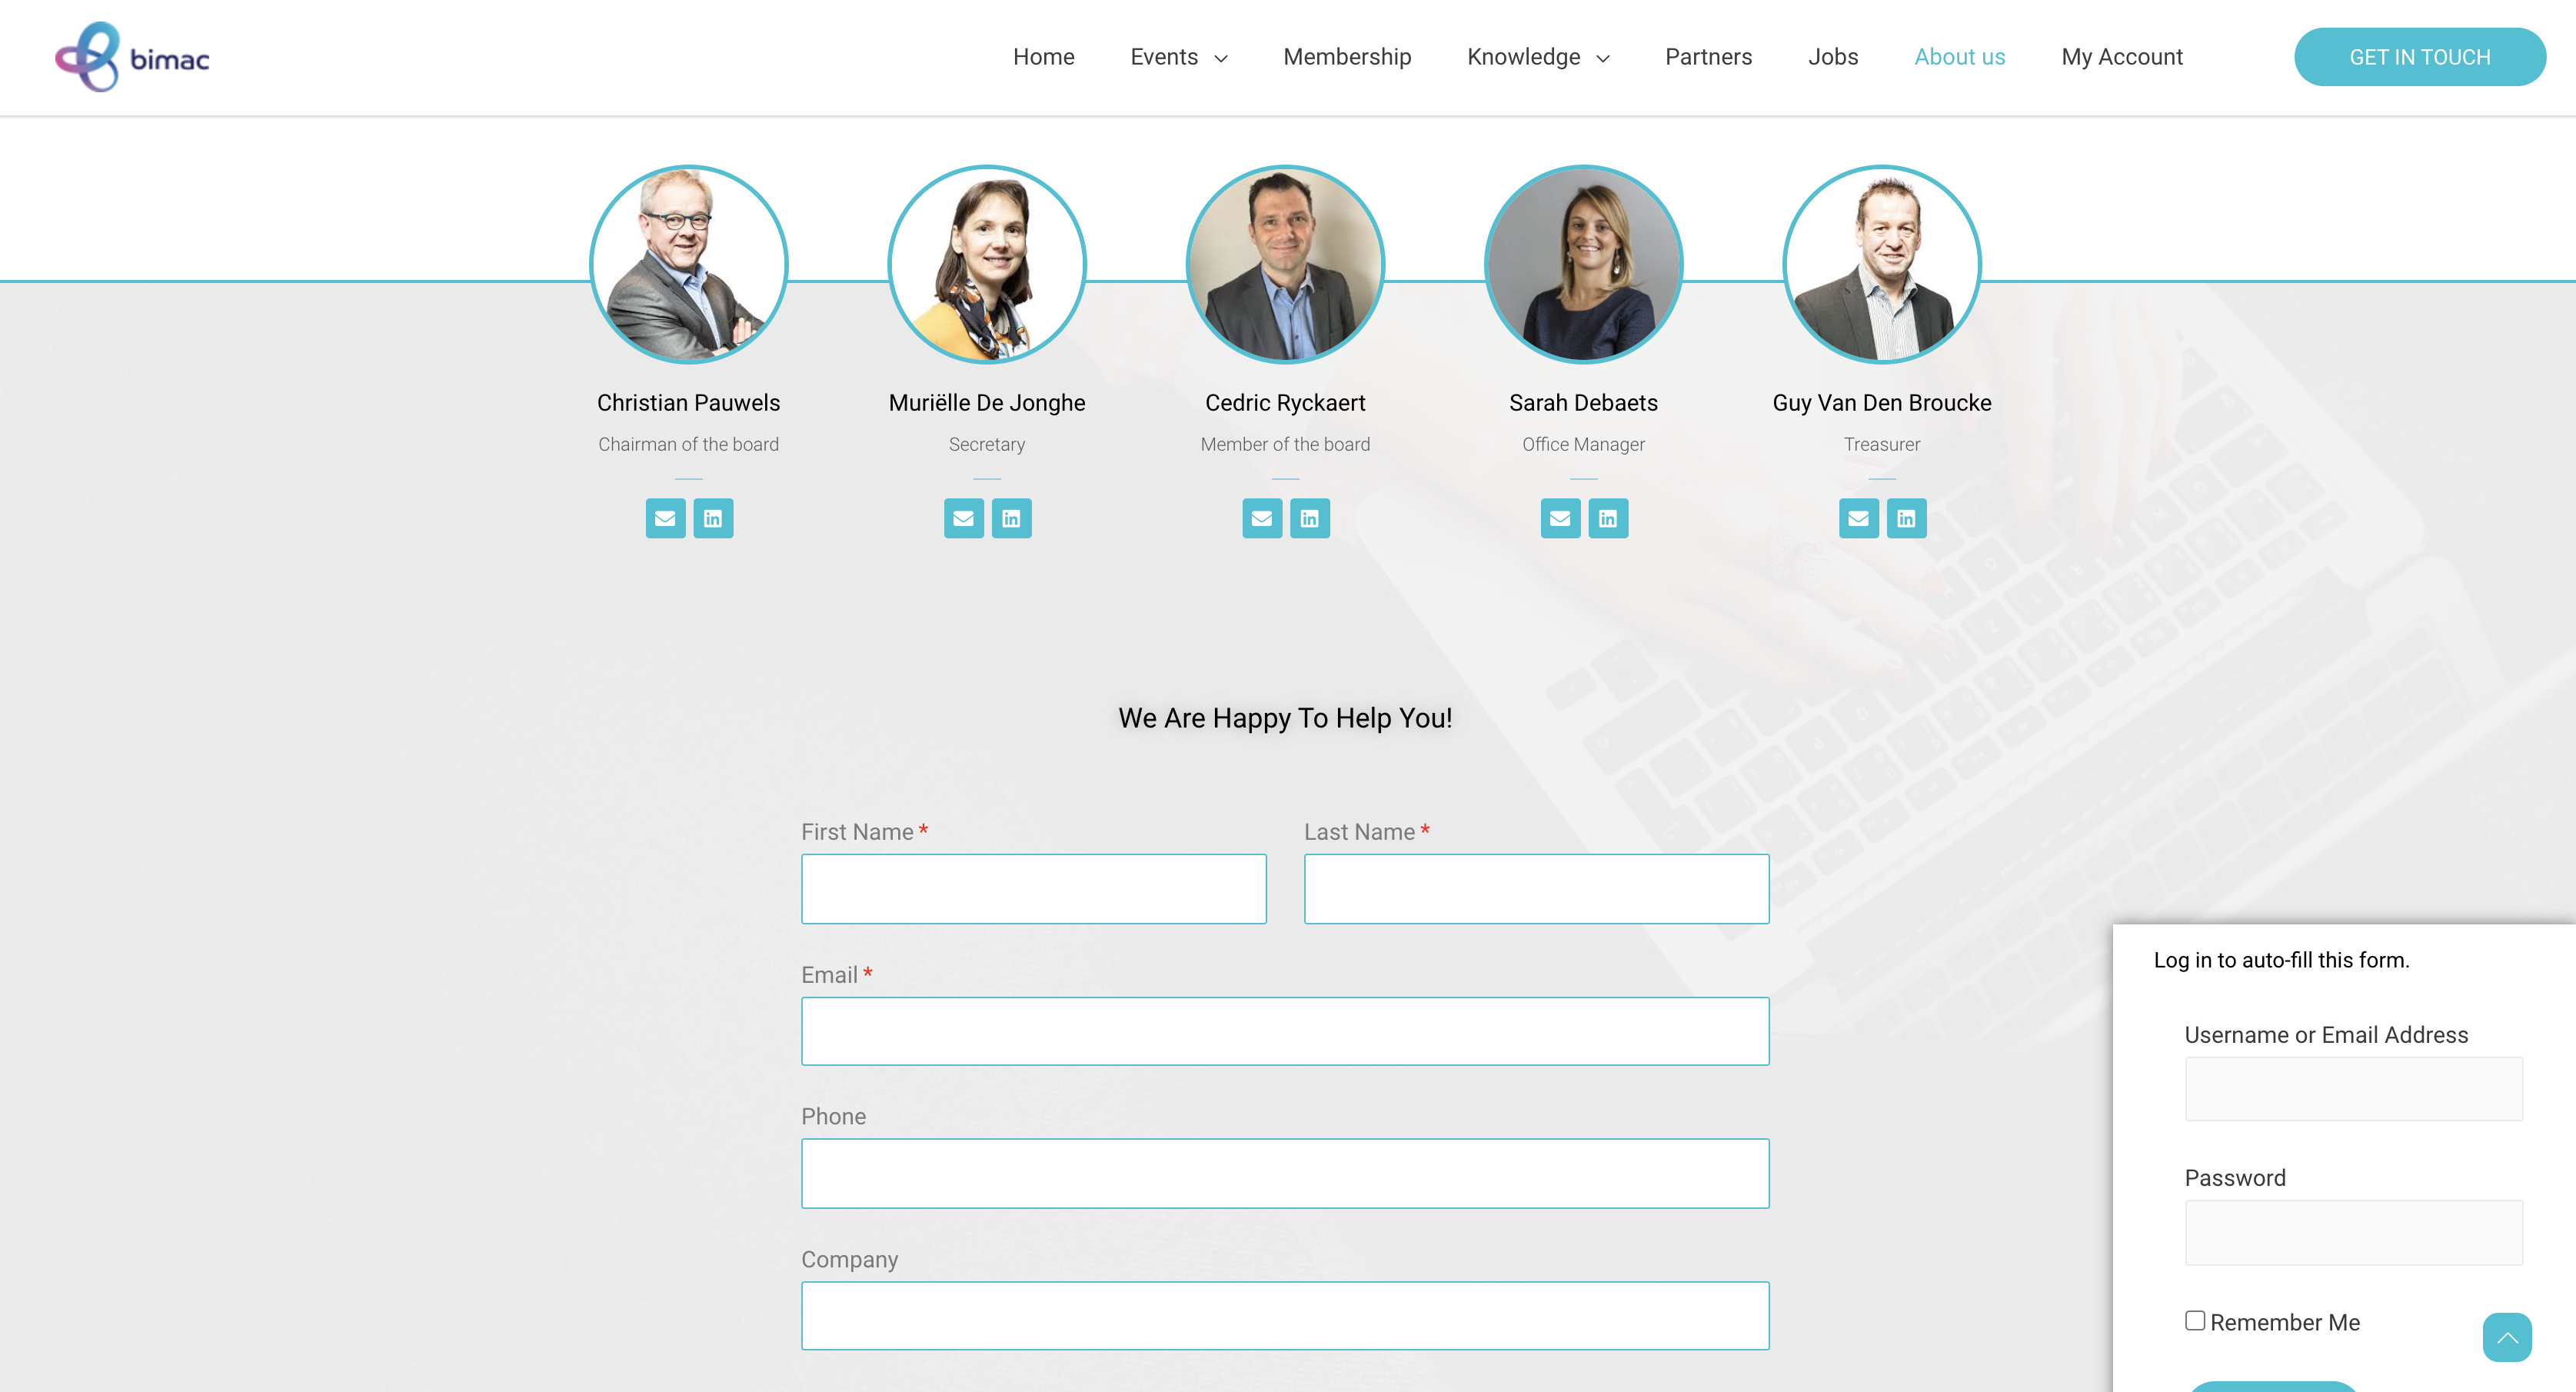 hepto_webdesign_bimac1